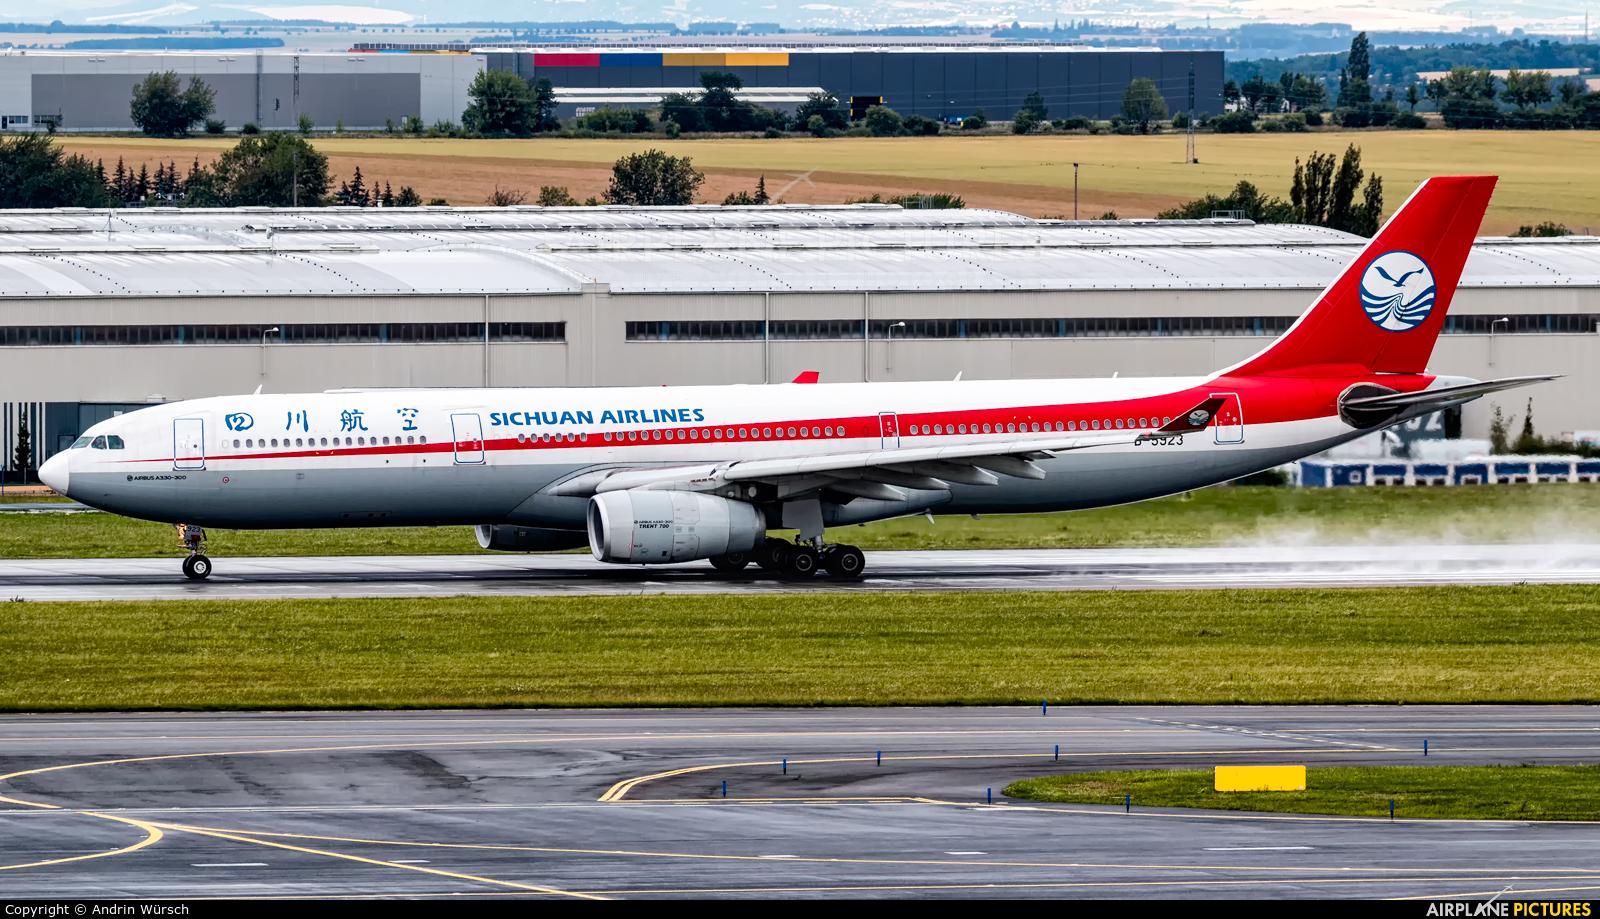 Sichuan Airlines  B-5923 aircraft at Prague - Václav Havel